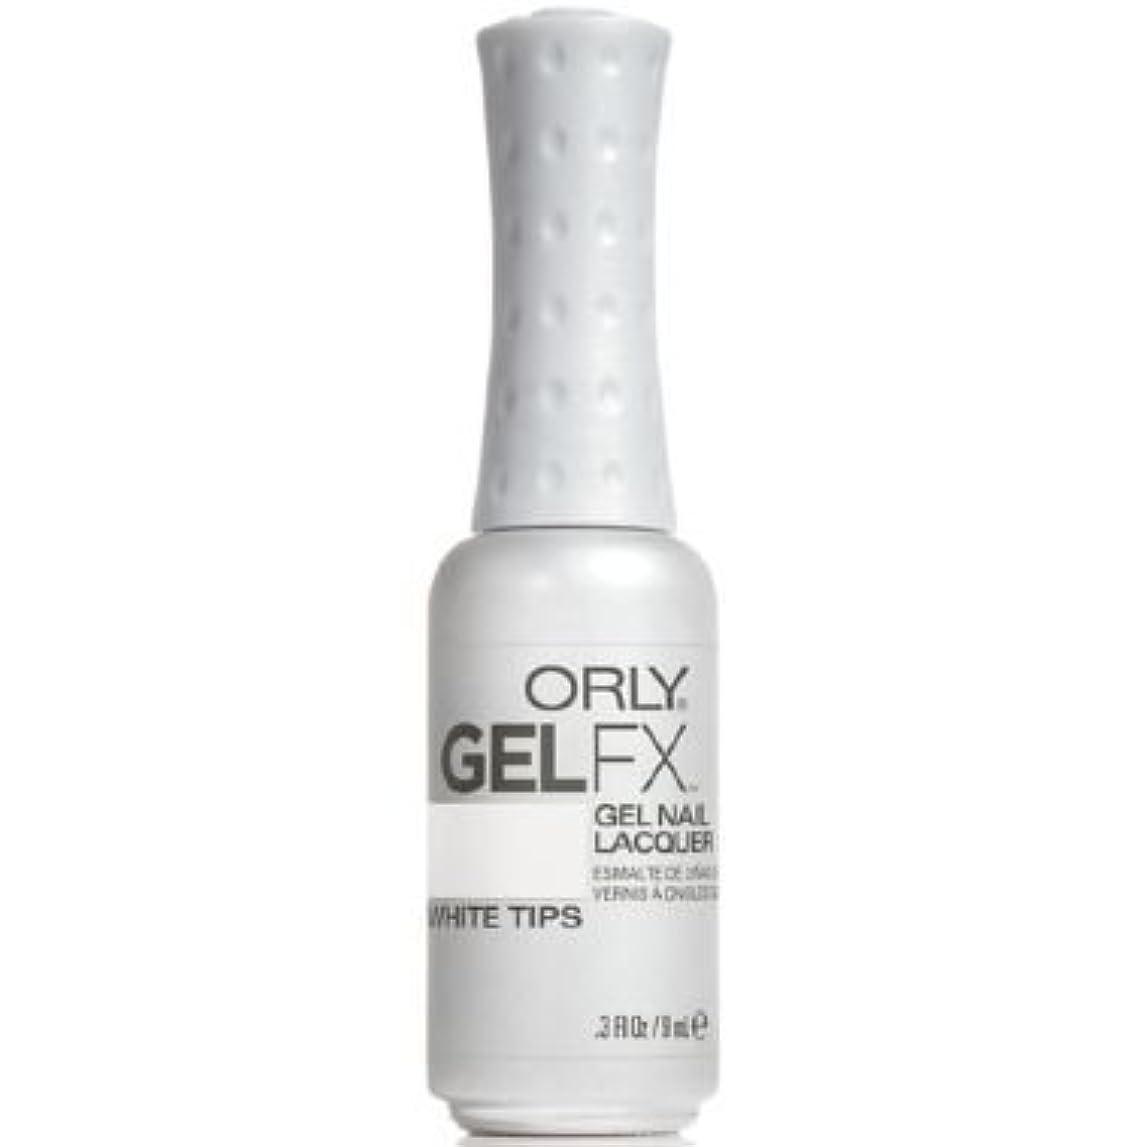 チーフ発症秘書Orly Gel FX Gel UV Vernis à Ongles/ Gel Polish - White Tips 9ml